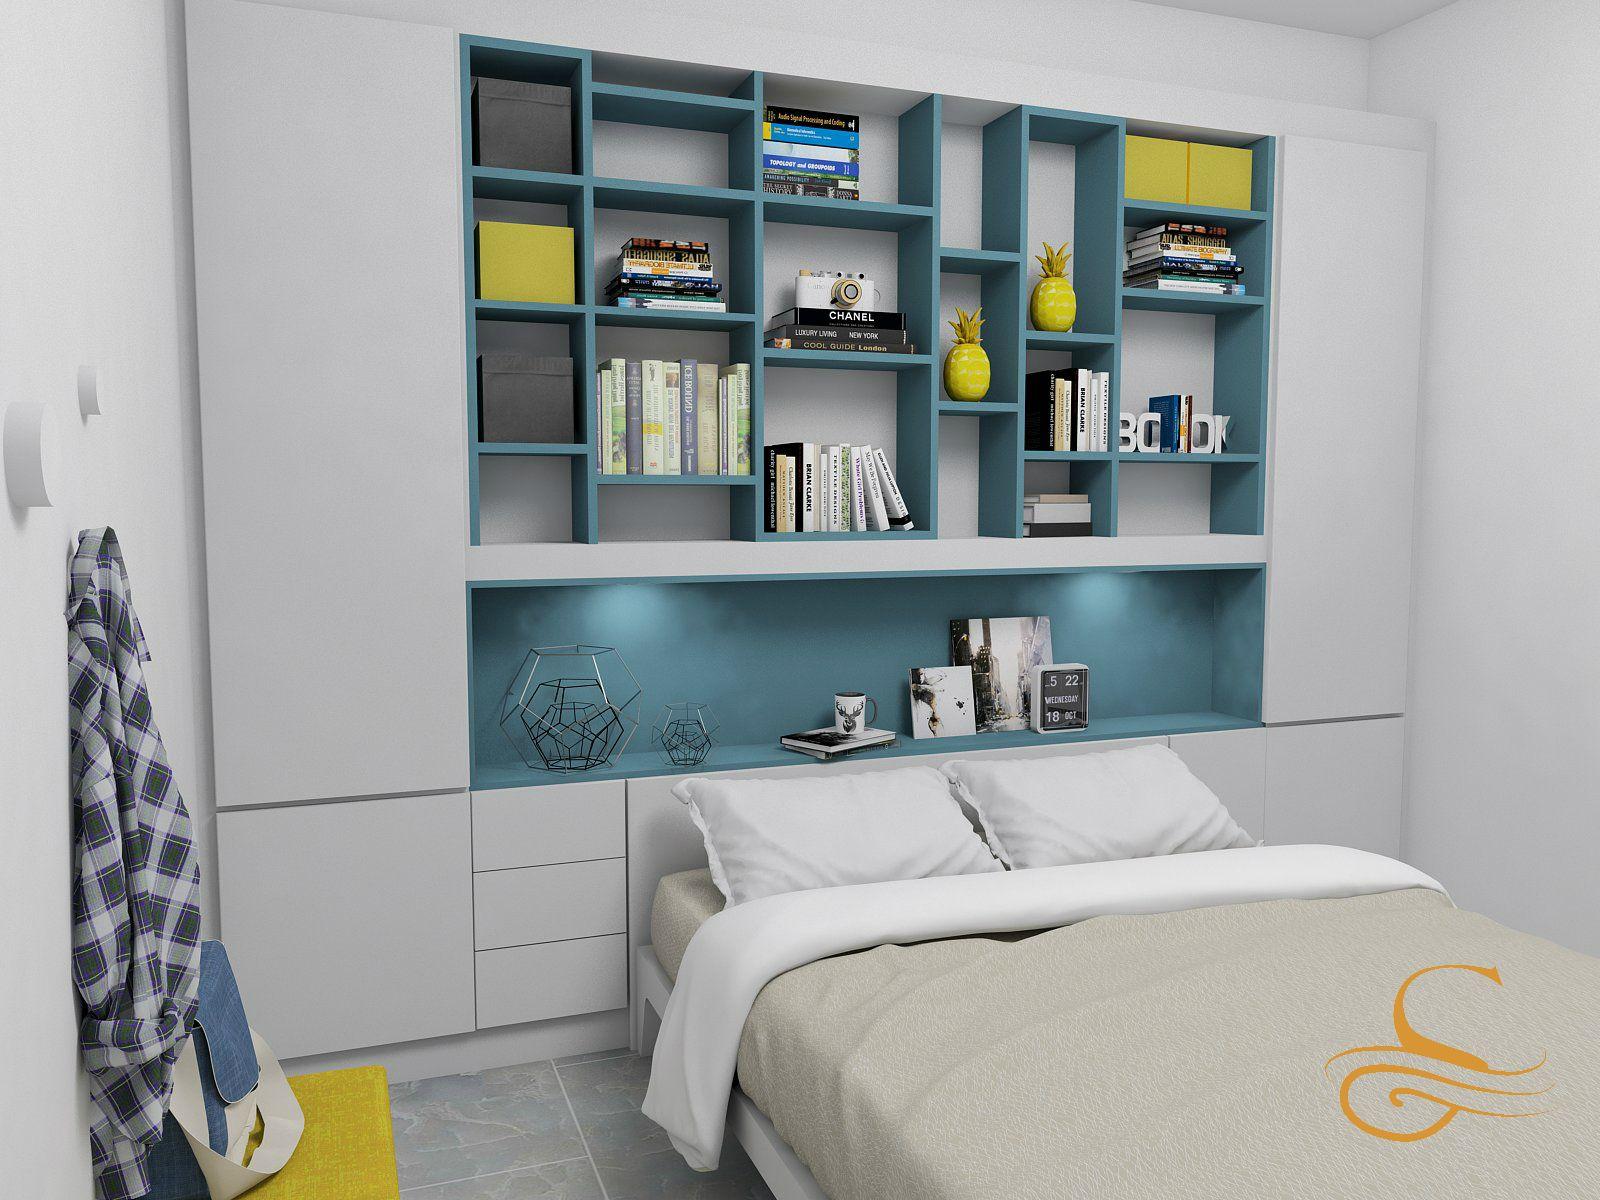 c5af56cd Dormitorio con cabecero de mueble empotrado | Proyectos | Muebles  empotrados, Muebles y Decoración de unas